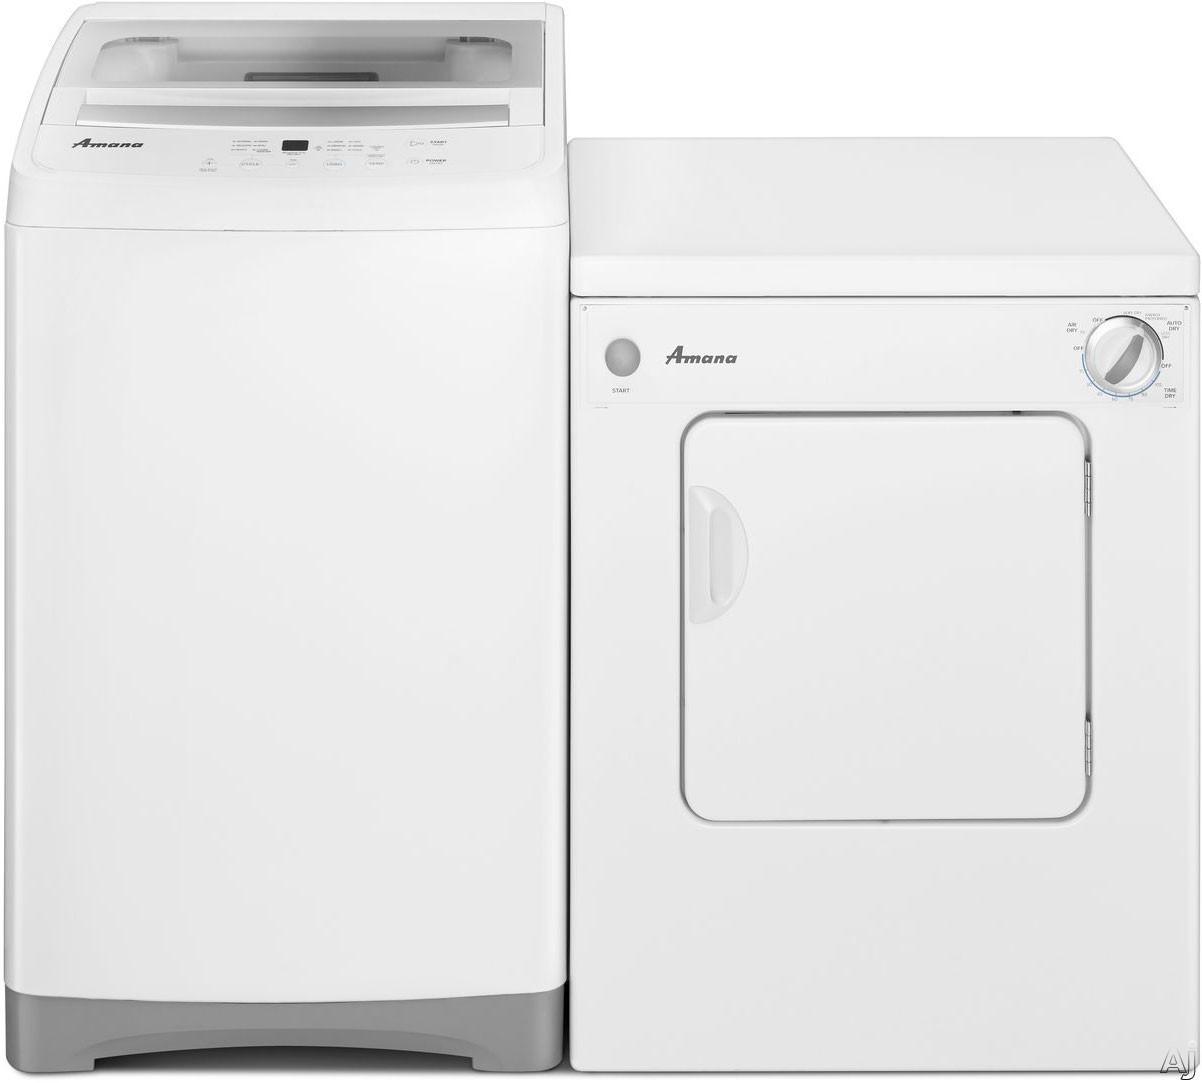 Amana Washer Dryer Sets